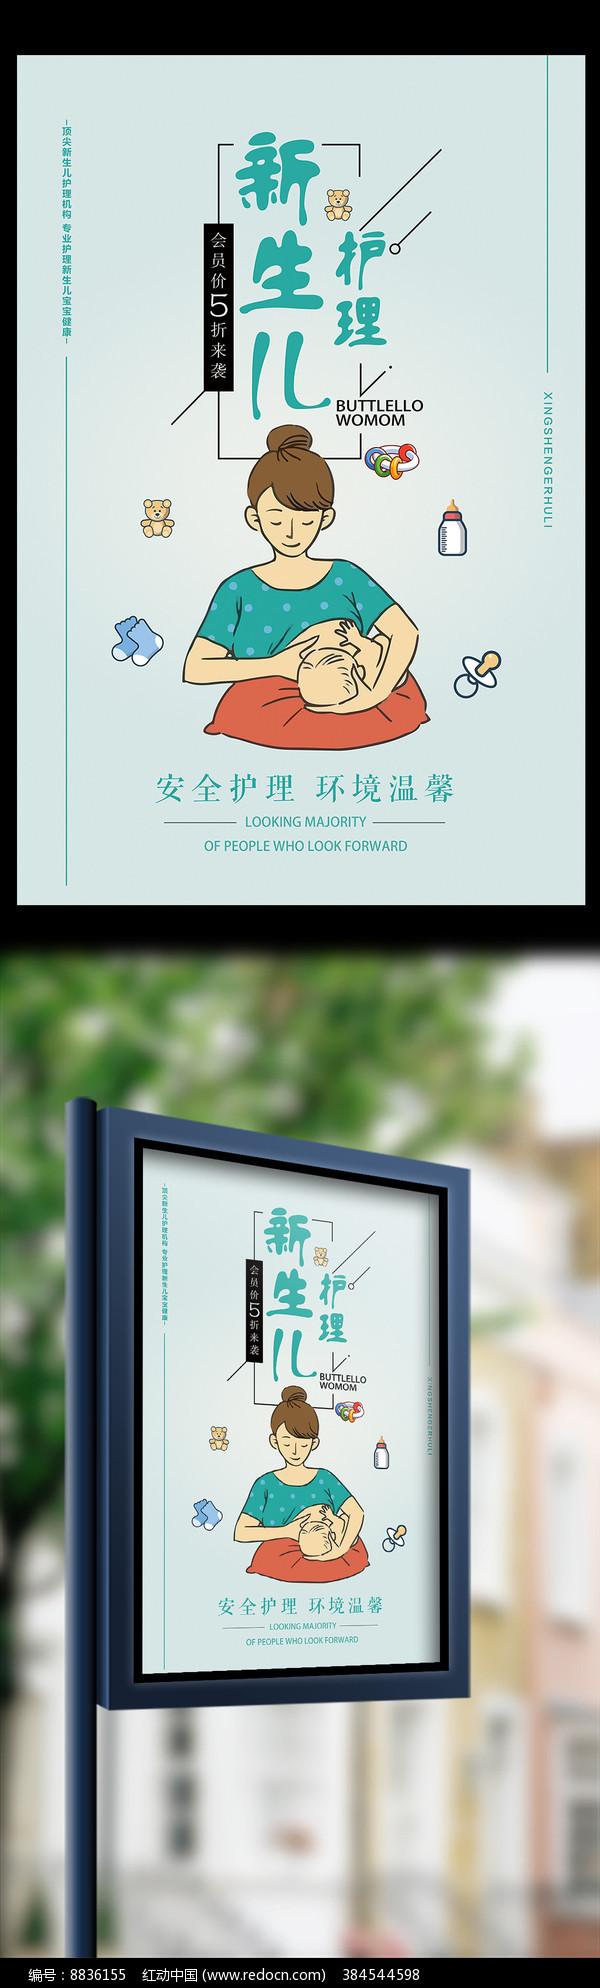 清新新生儿护理母婴海报图片